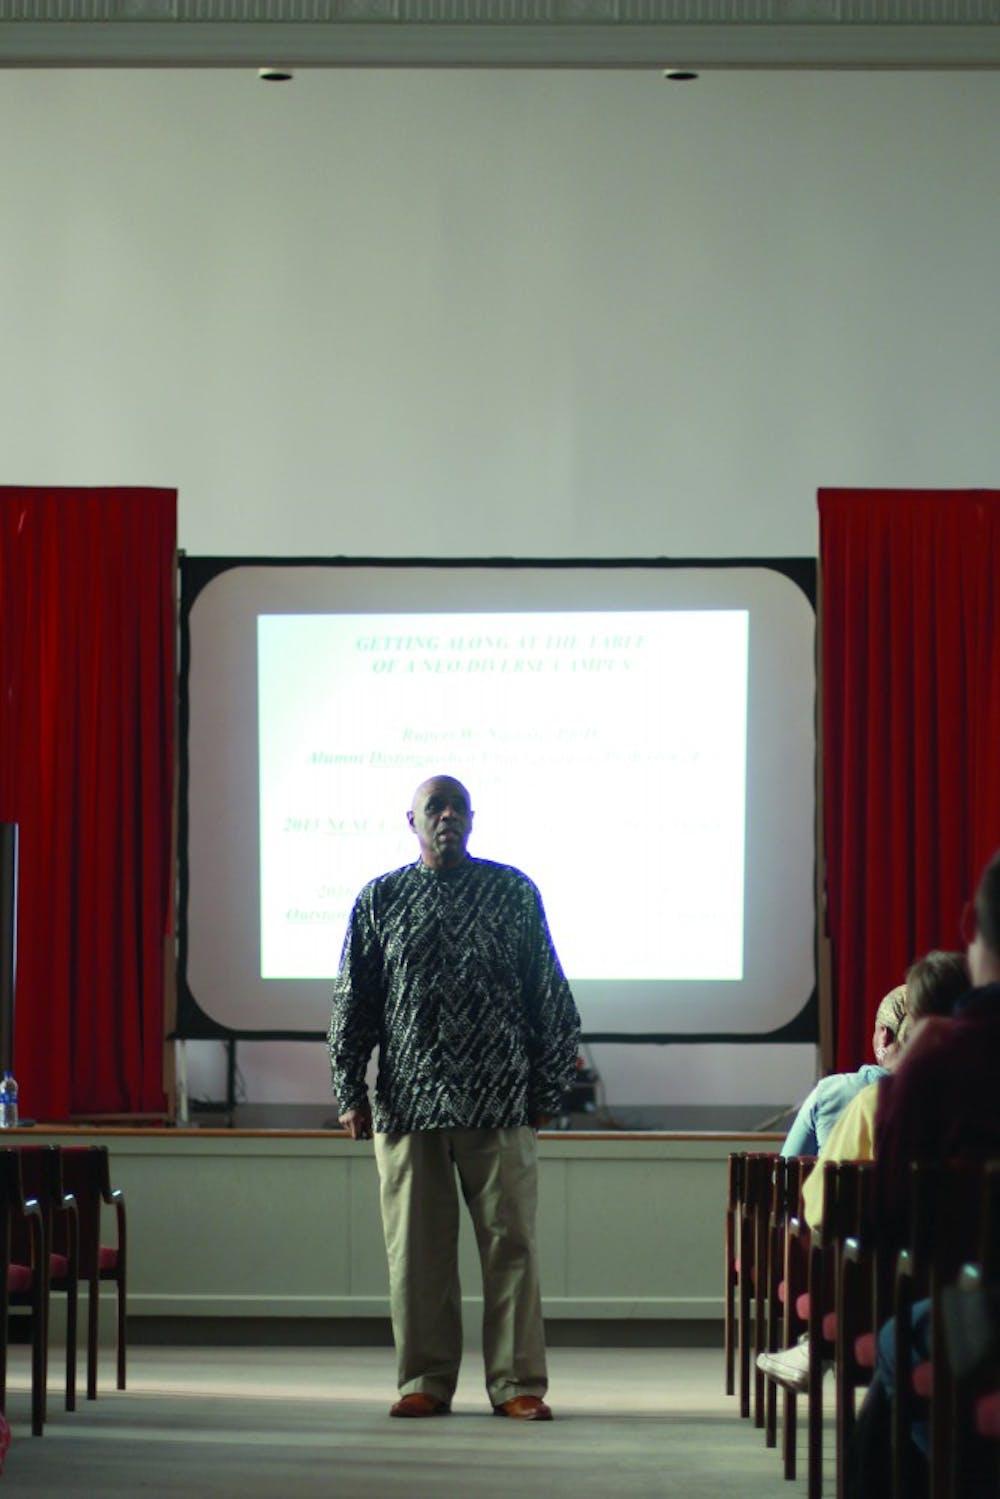 Lecture explains Neo-diversity